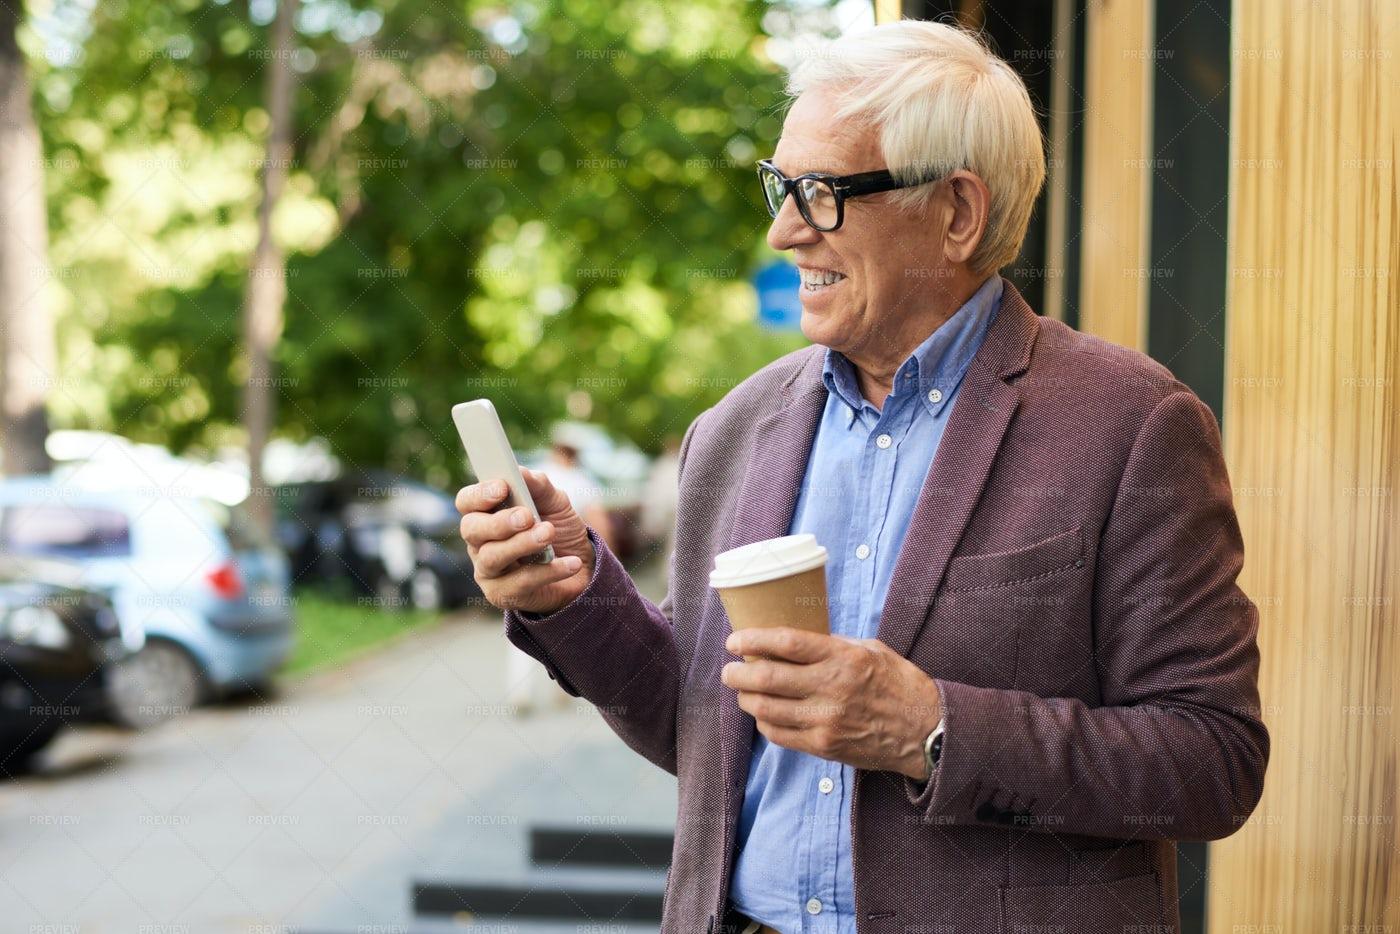 Contemporary Senior Man With...: Stock Photos